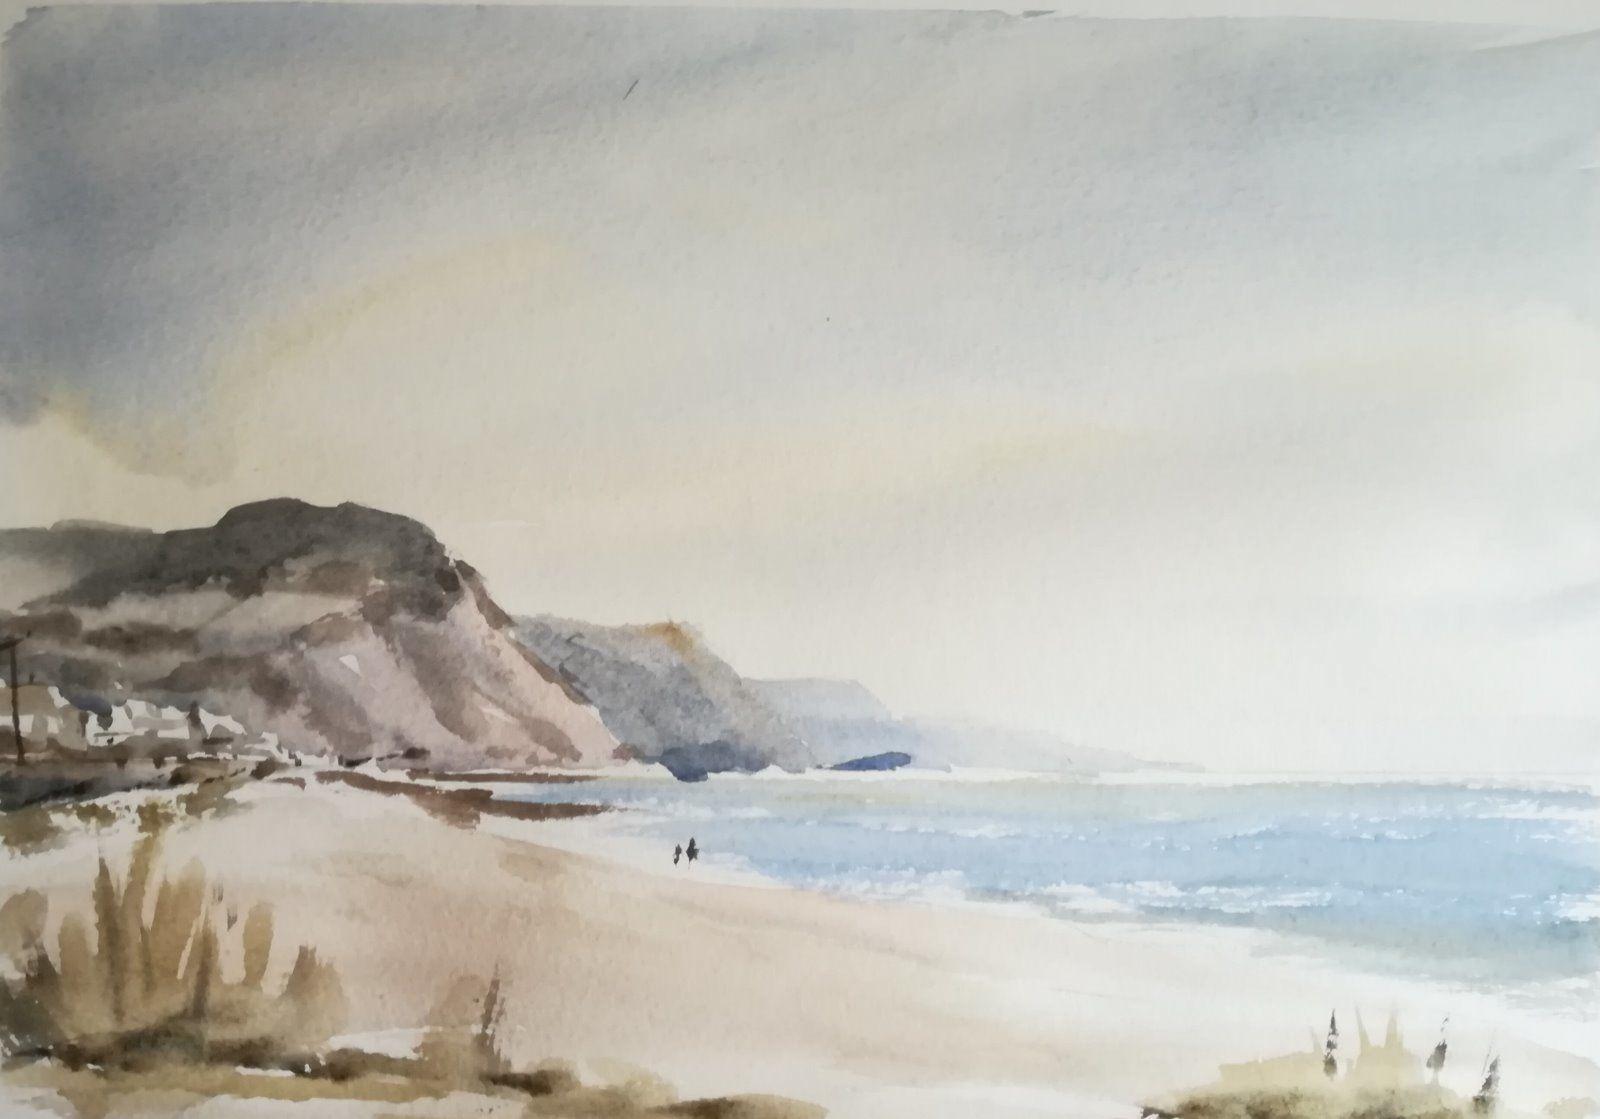 Rainy Sidmouth beach 2018